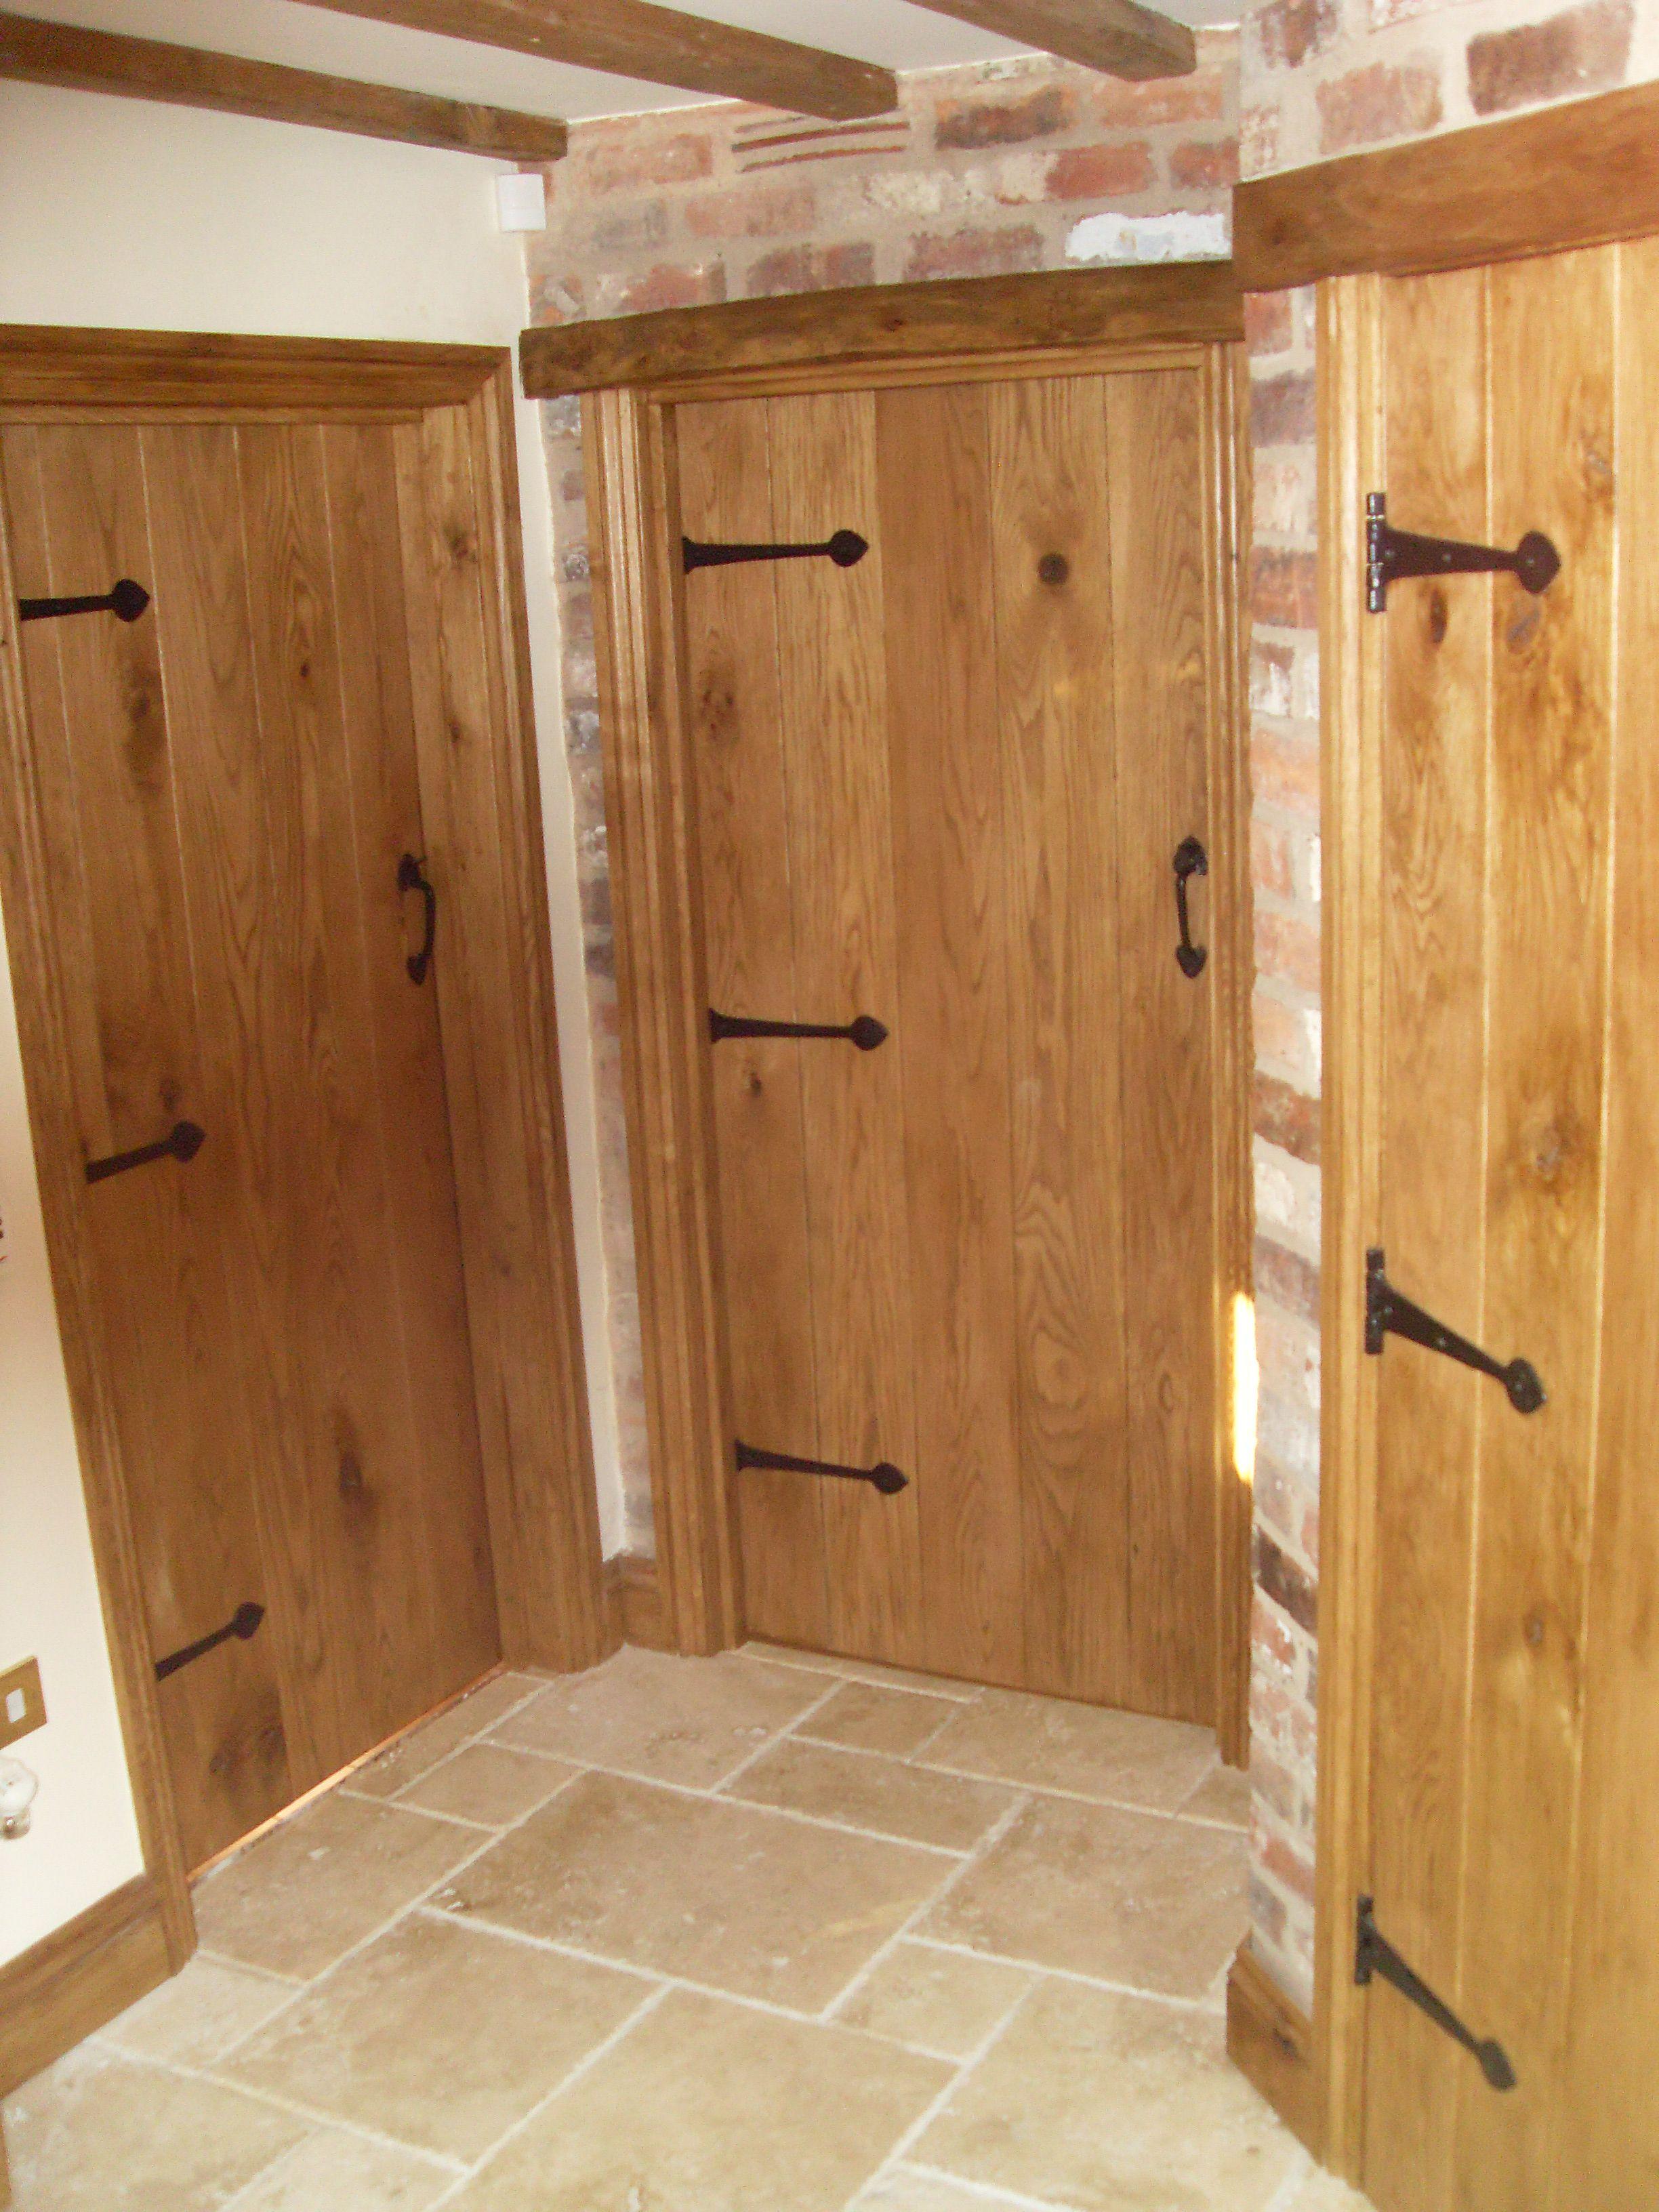 Barn Conversion Doors oak internal doors in barn conversion. beautiful doors for a